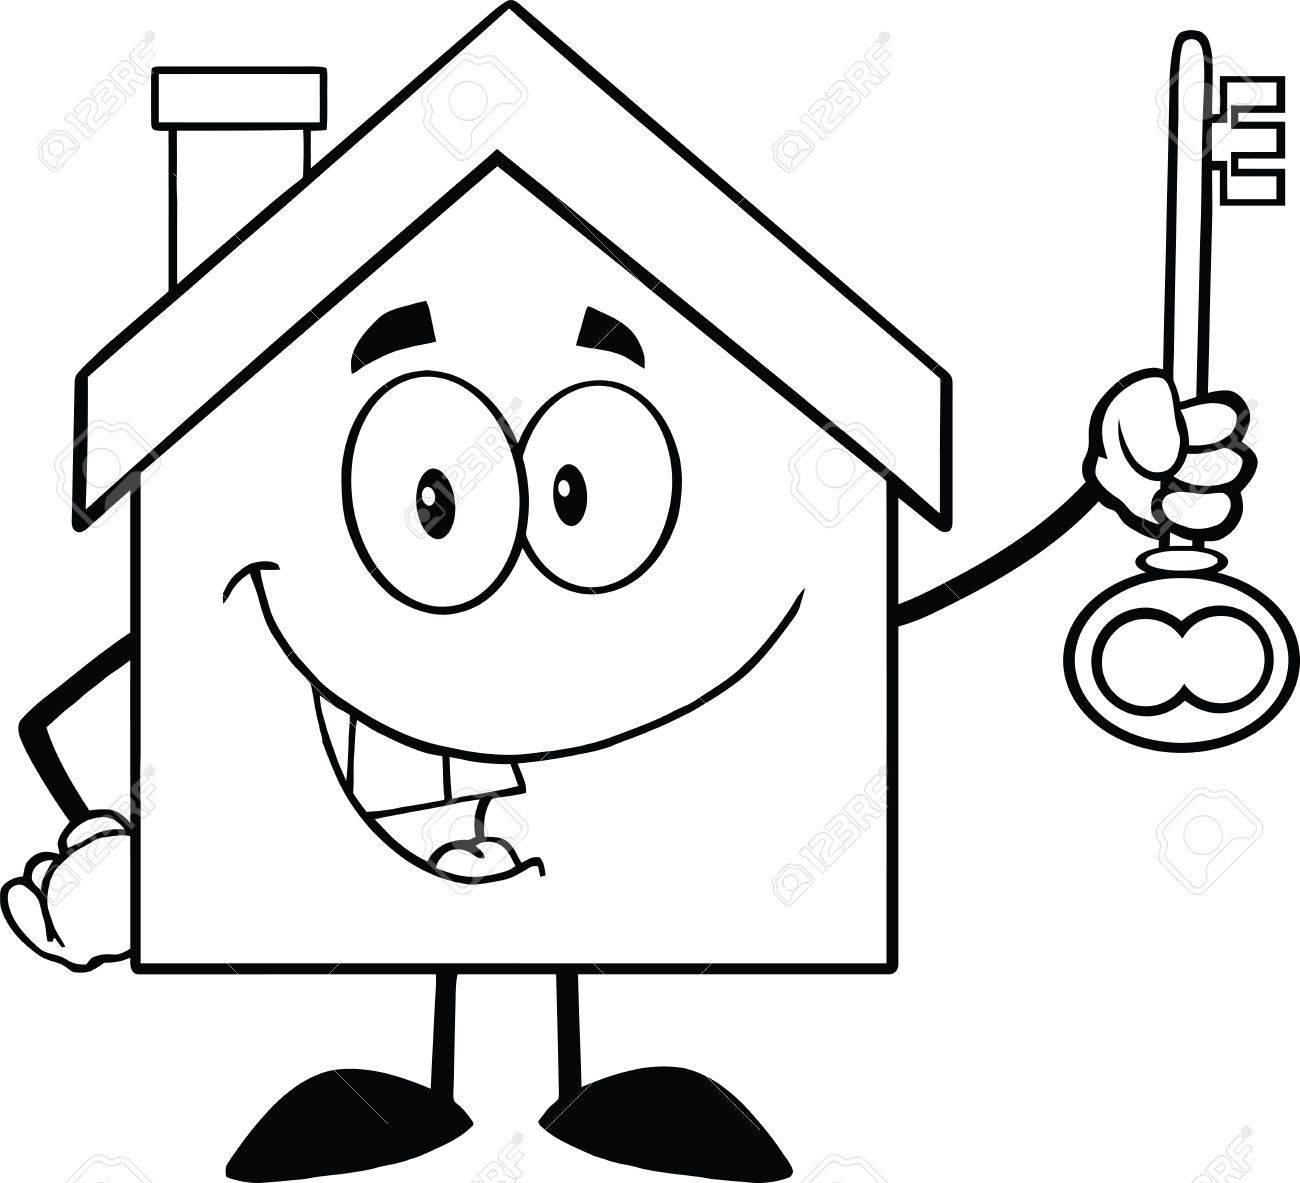 Banque dimages retour et la maison blanche personnage de dessin animé supportant une clé